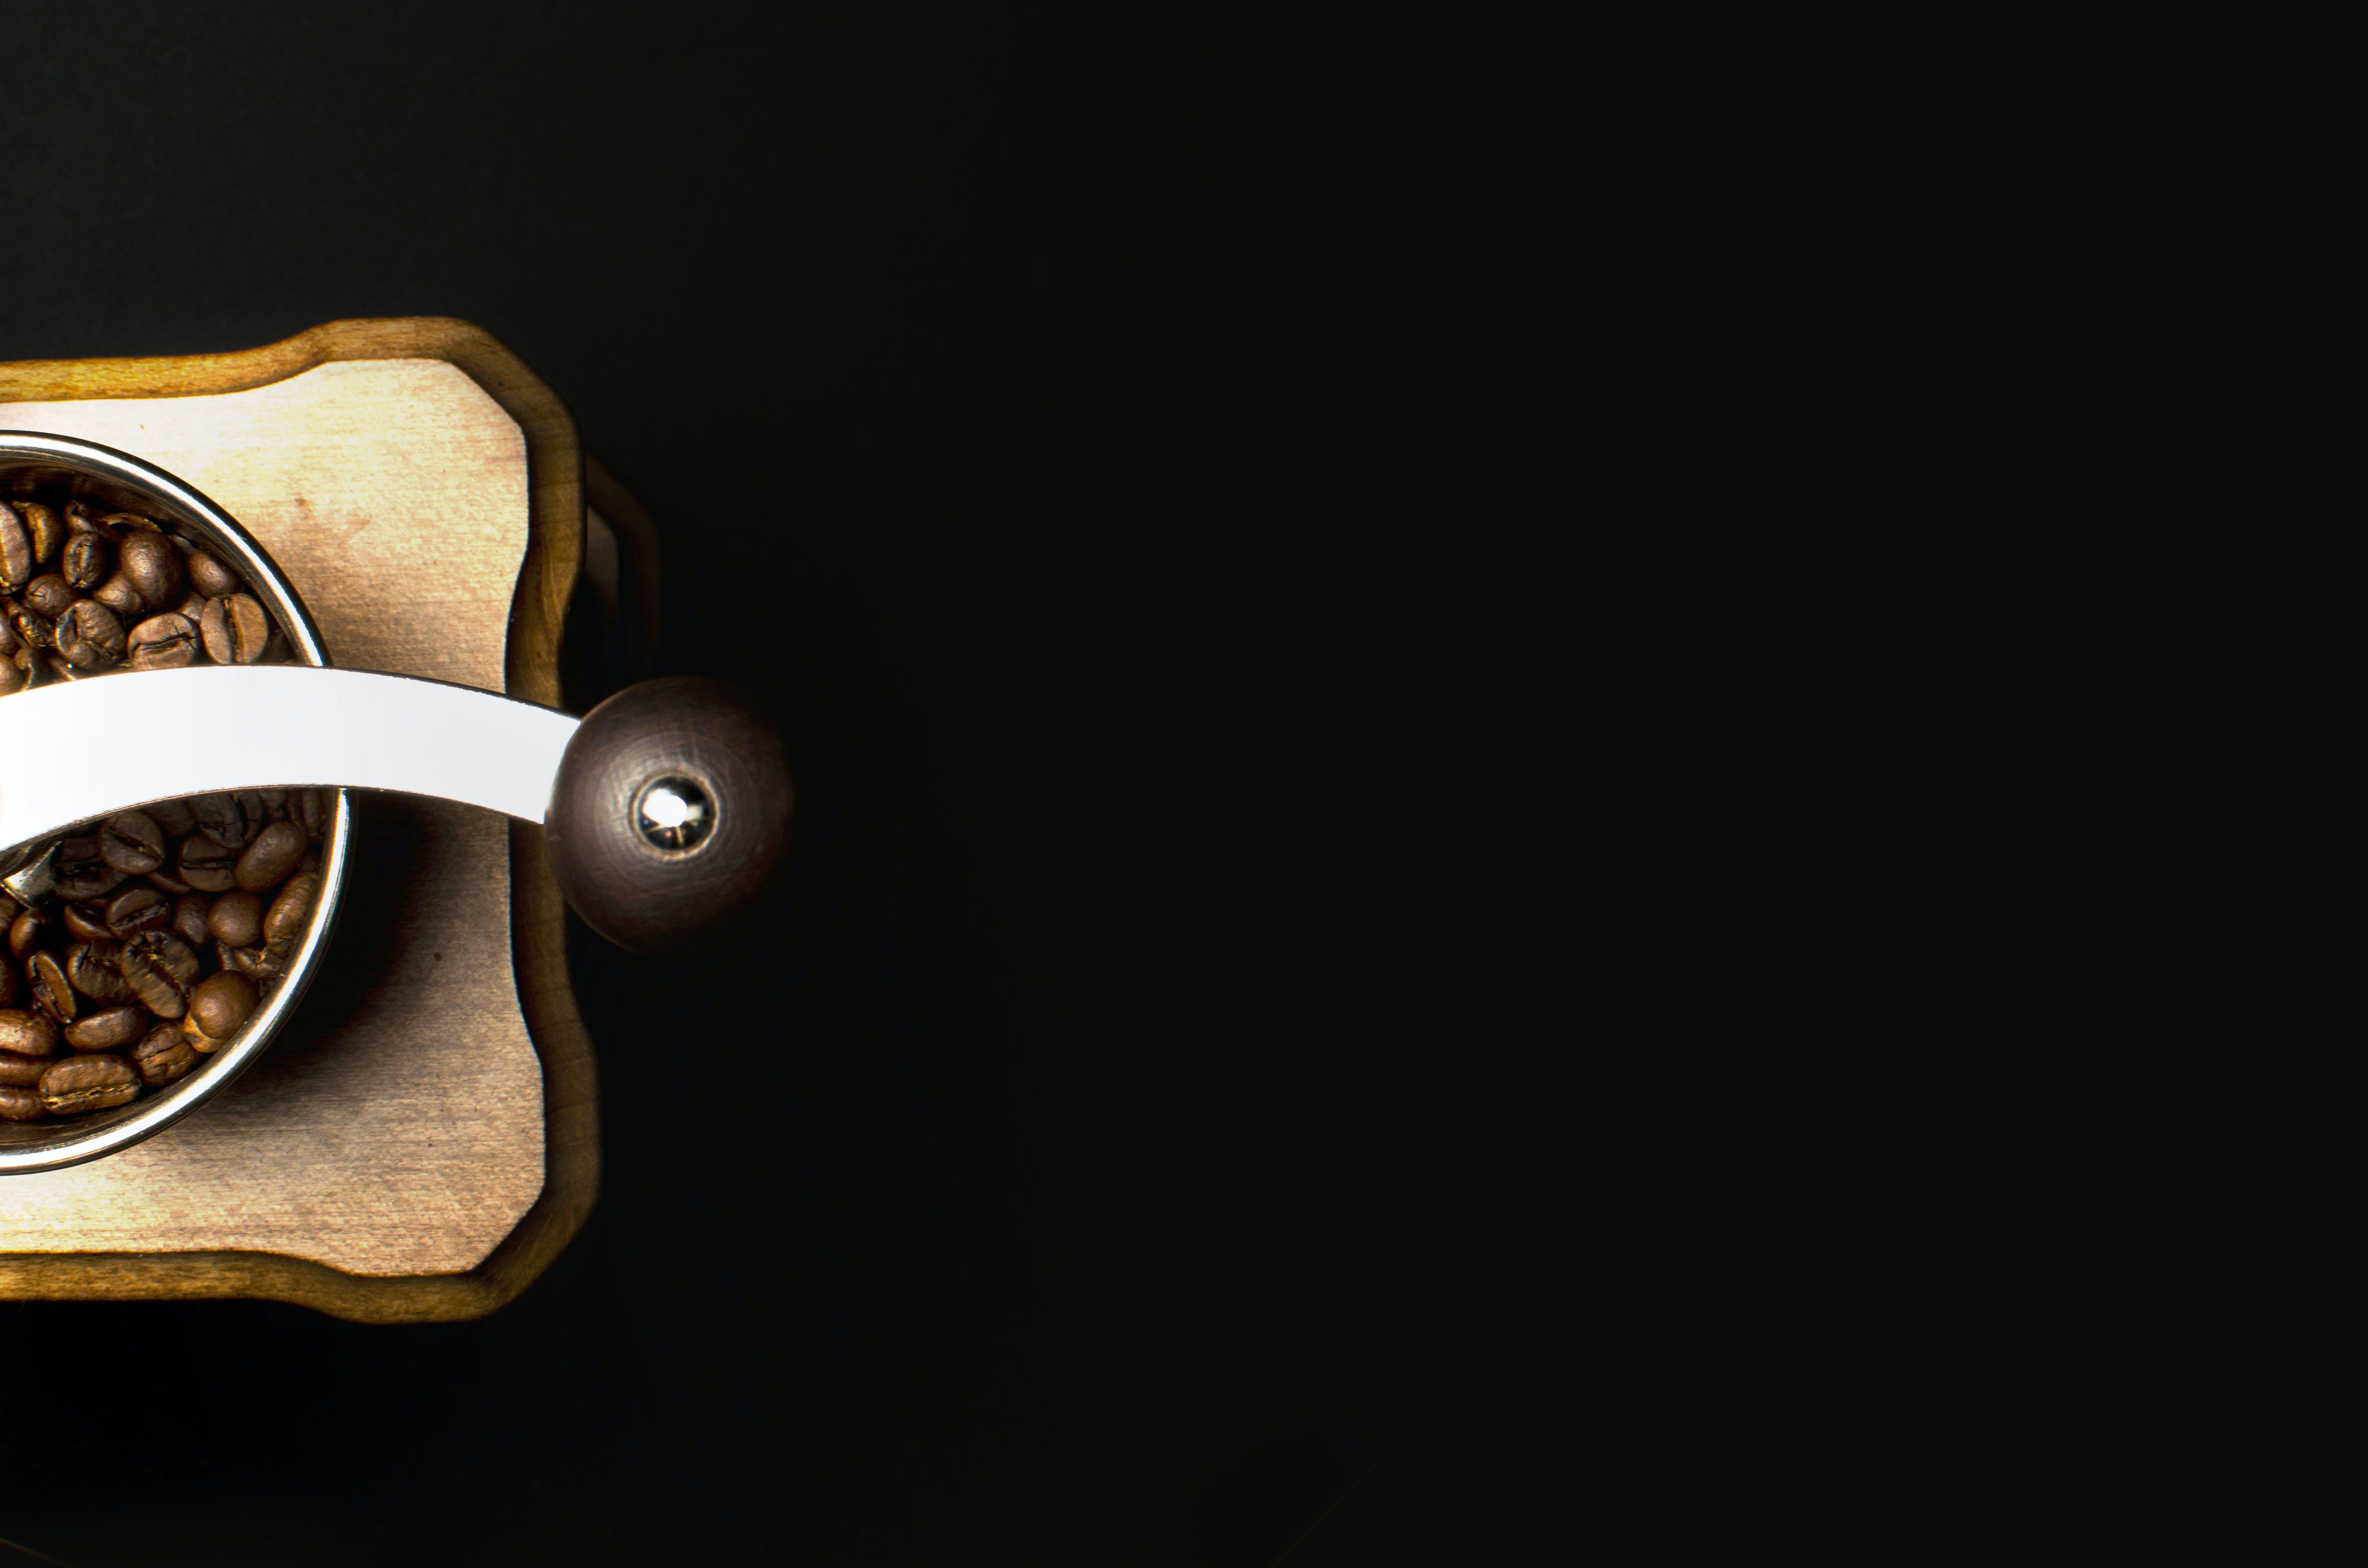 Ingyenes stockfotó acél, aroma, babszemek, barna témában